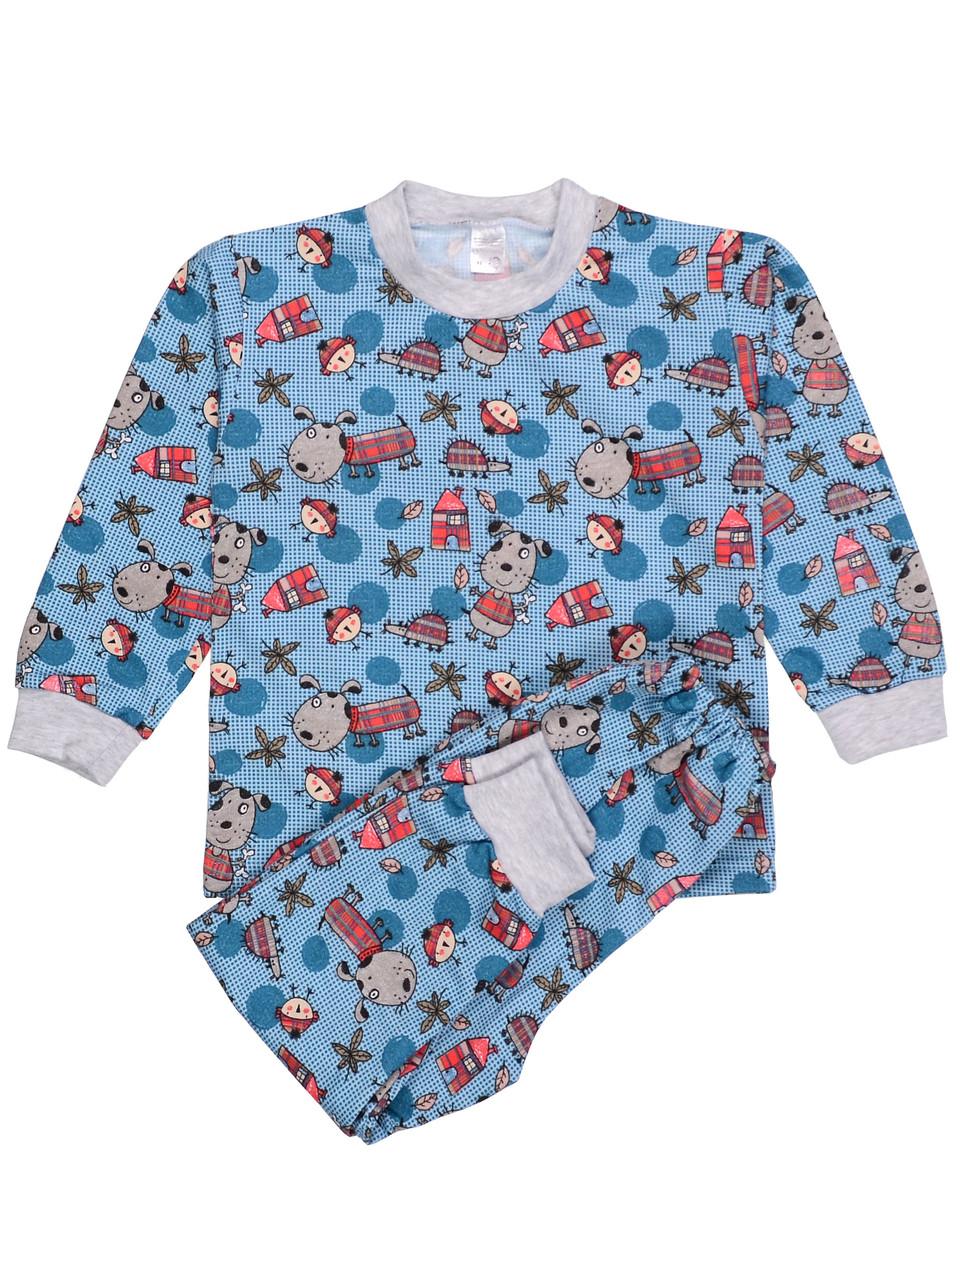 Теплая пижама детская (футер), принт дом 92/110